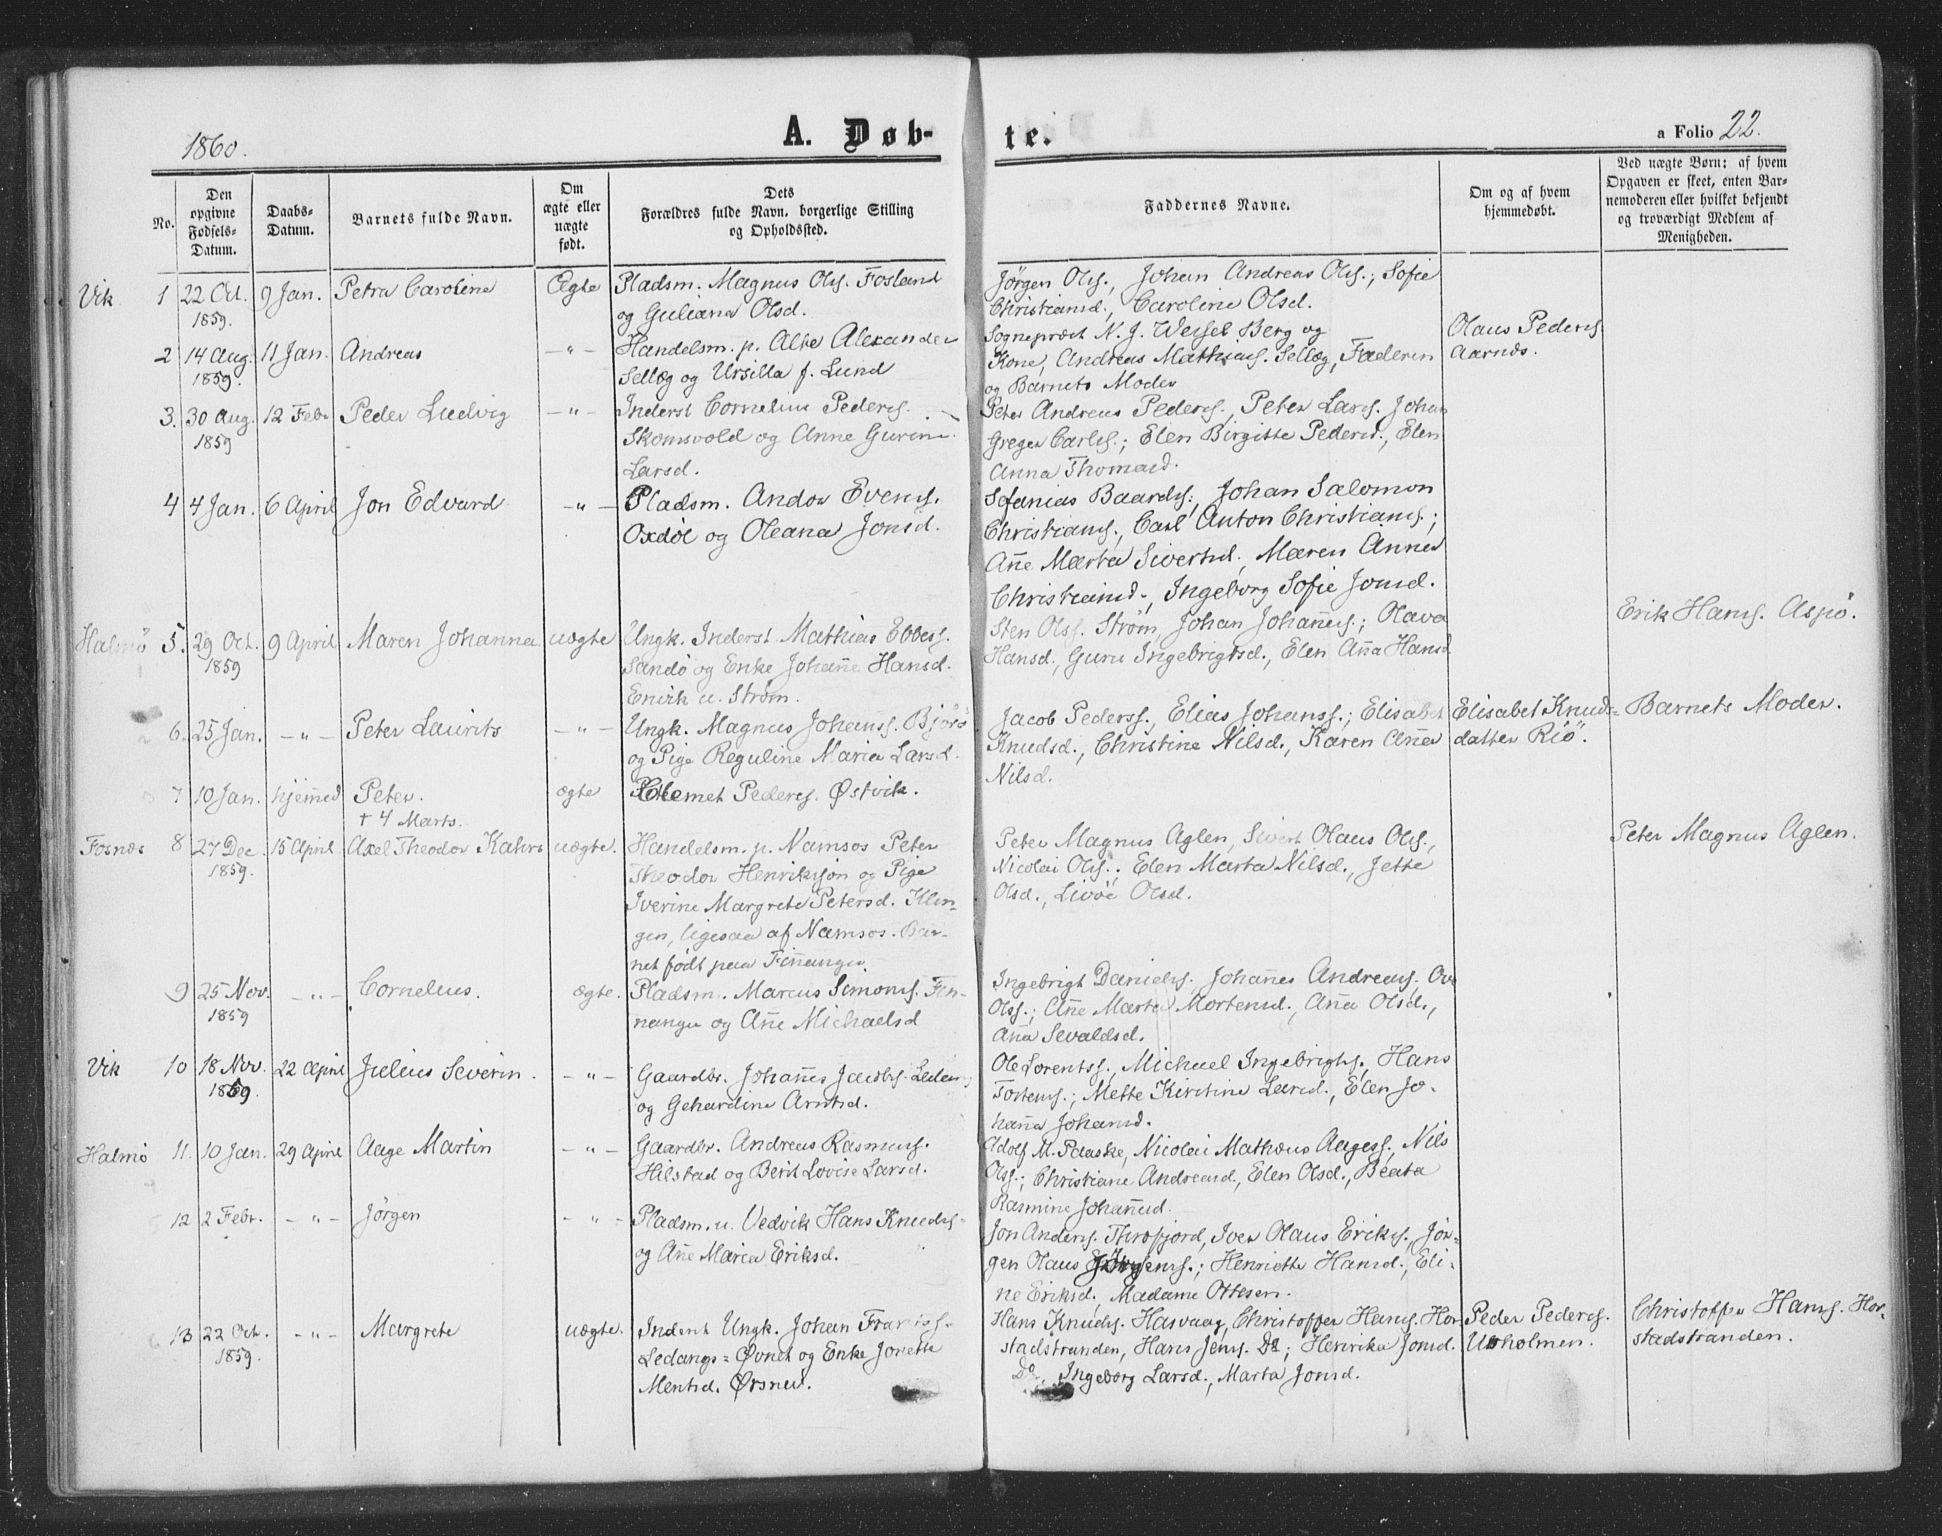 SAT, Ministerialprotokoller, klokkerbøker og fødselsregistre - Nord-Trøndelag, 773/L0615: Ministerialbok nr. 773A06, 1857-1870, s. 22